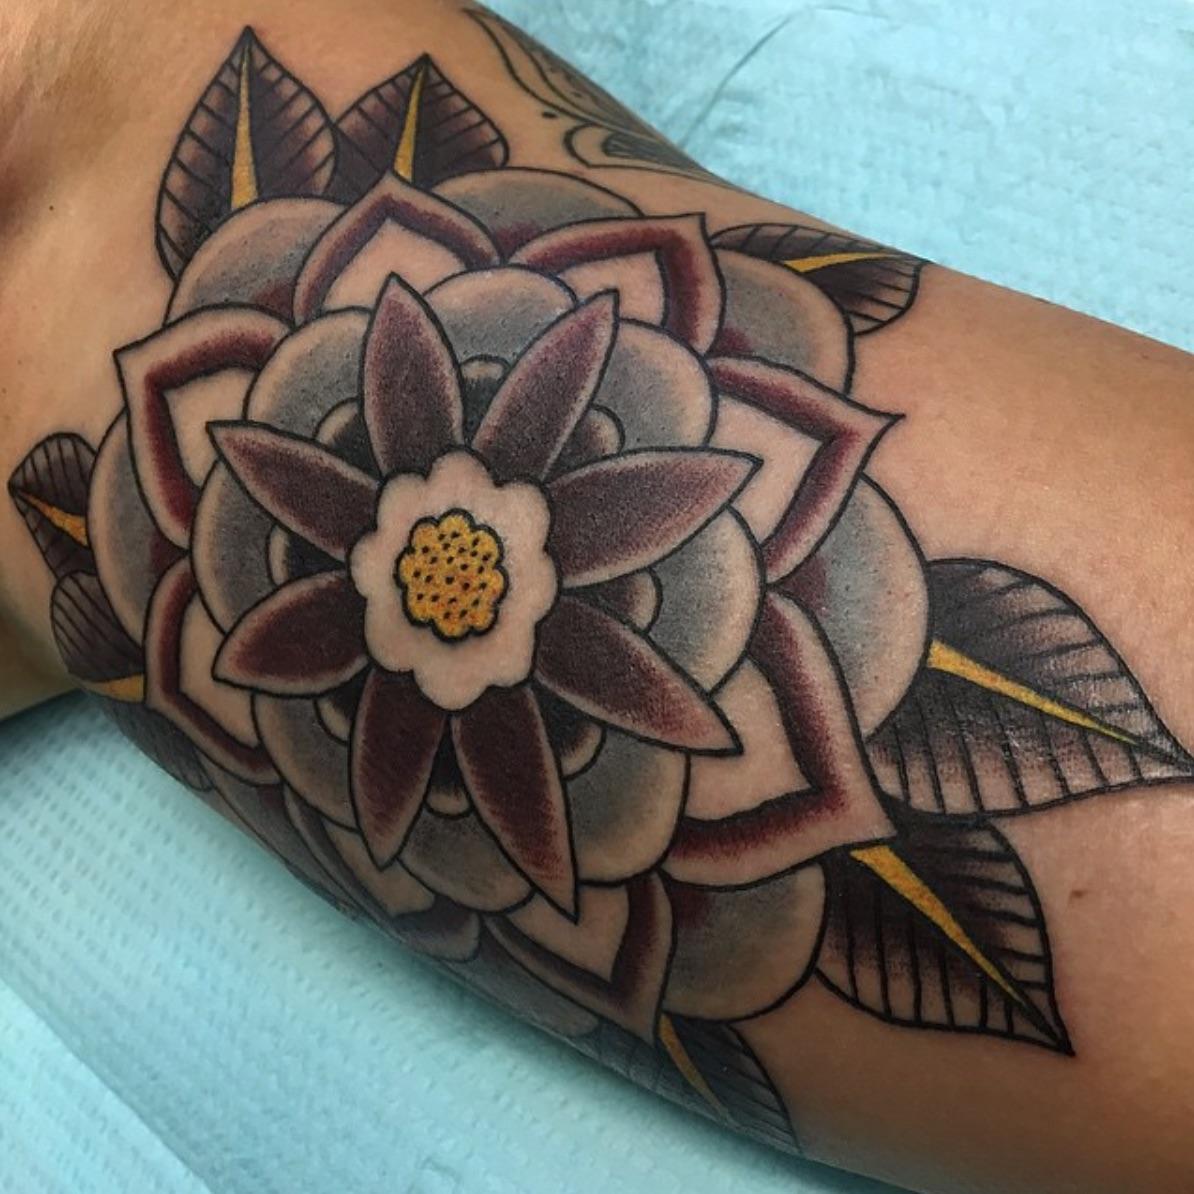 Bobby Boartfield elizabeth st tattoo riverside ca flower.jpg